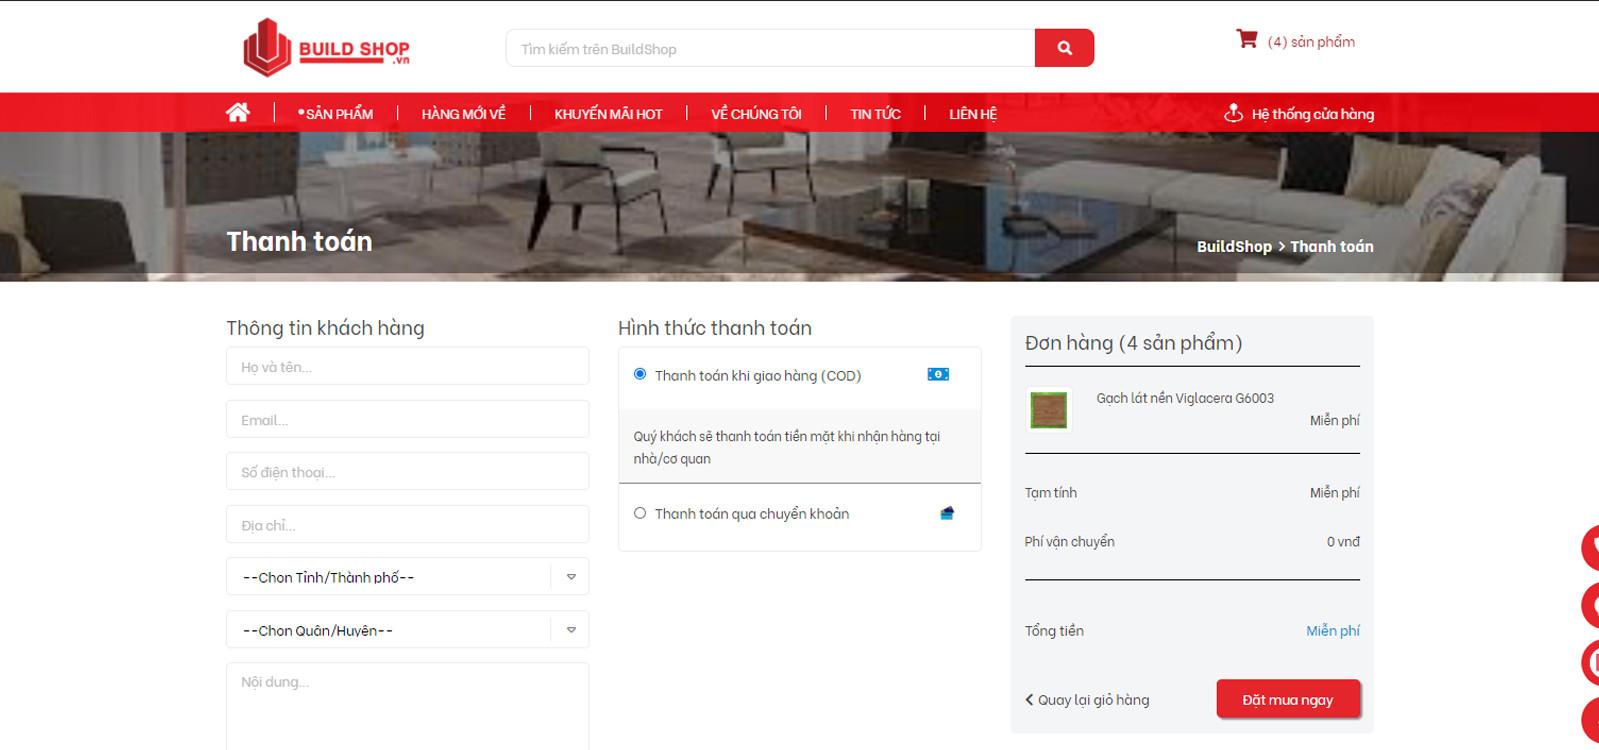 build shop | thông tin đặt hàng